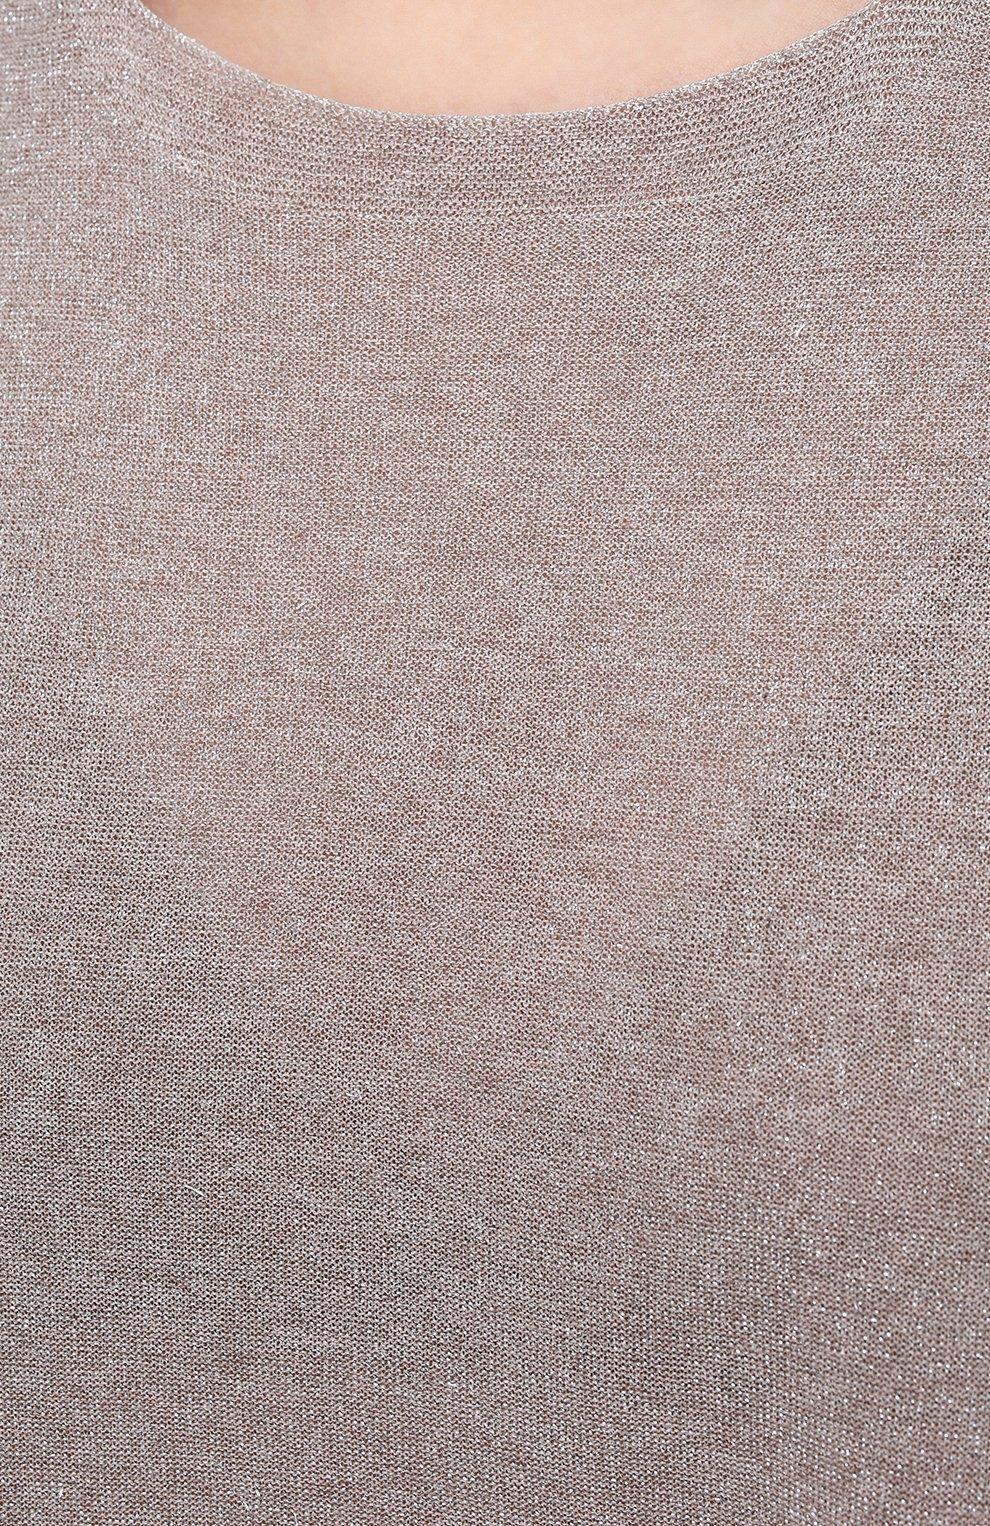 Женский топ из вискозы D.EXTERIOR бежевого цвета, арт. 52368 | Фото 5 (Кросс-КТ: без рукавов; Материал внешний: Синтетический материал, Вискоза; Длина (для топов): Стандартные; Рукава: Без рукавов; Стили: Кэжуэл)